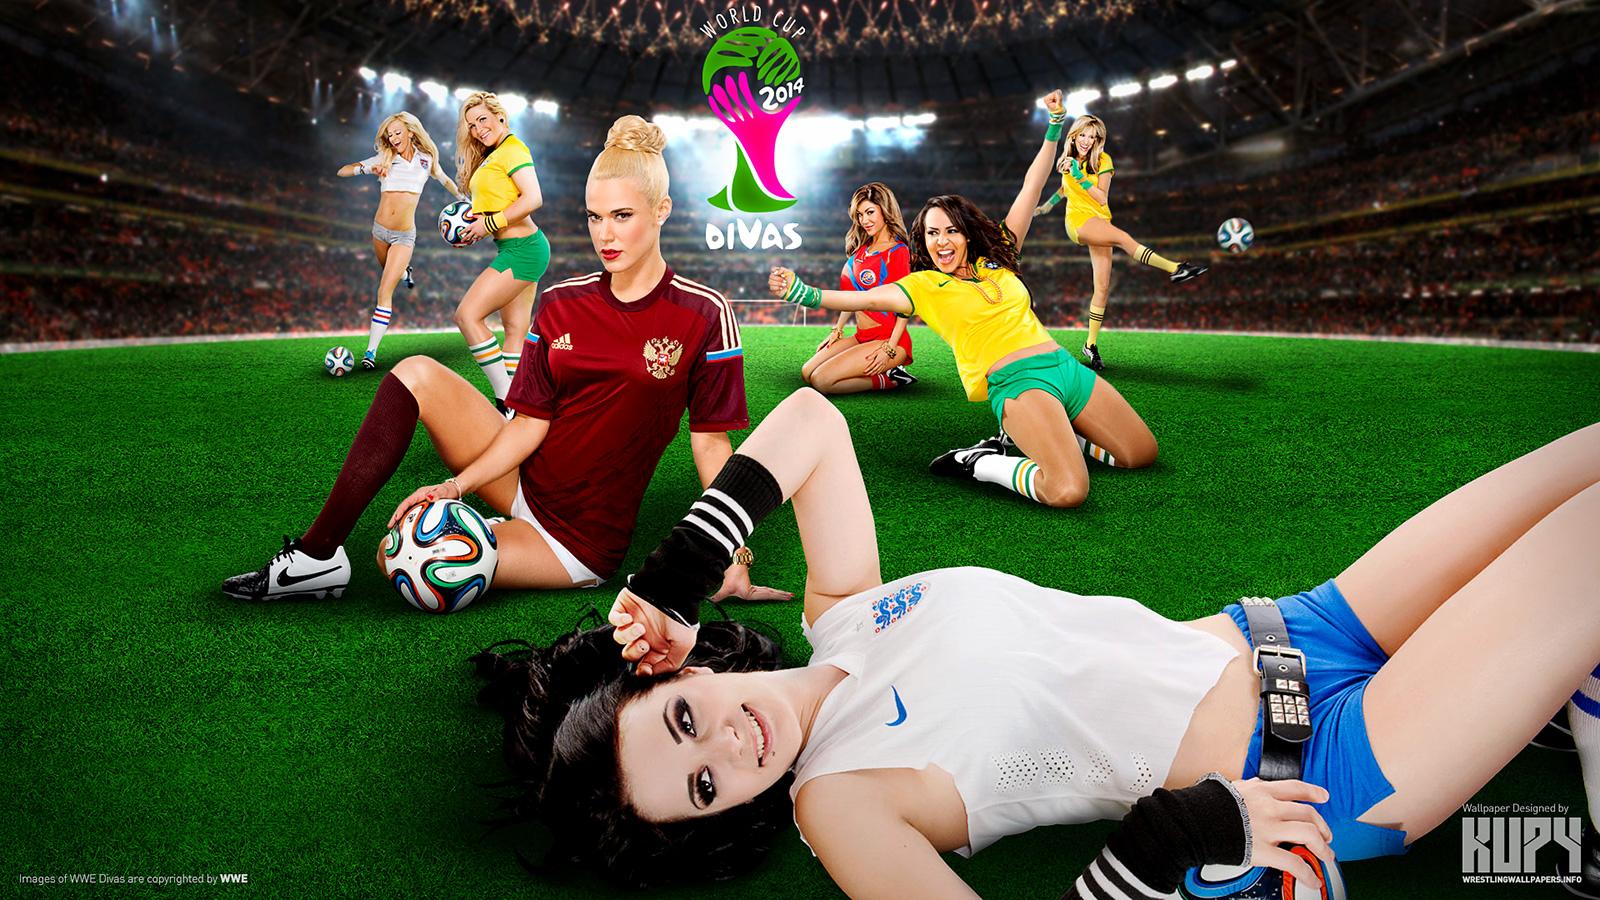 Wallpaper Soccer HD, Live Soccer HD Wallpapers, YJI186 Soccer HD .